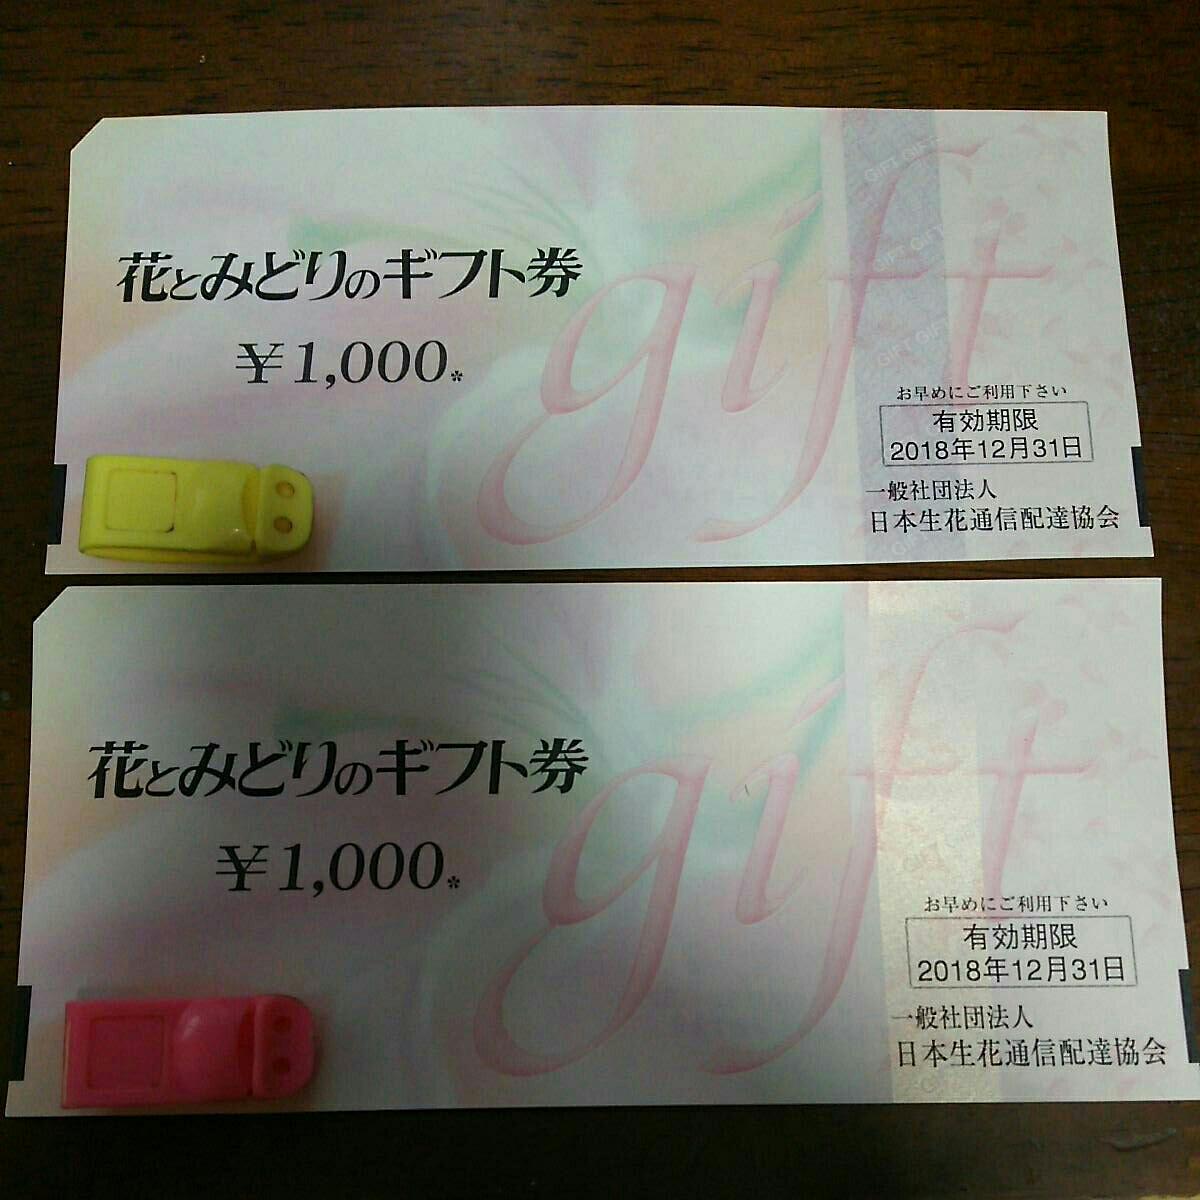 花とみどりのギフト券 1000円券2枚(計2000円分) 2018/12/31期限